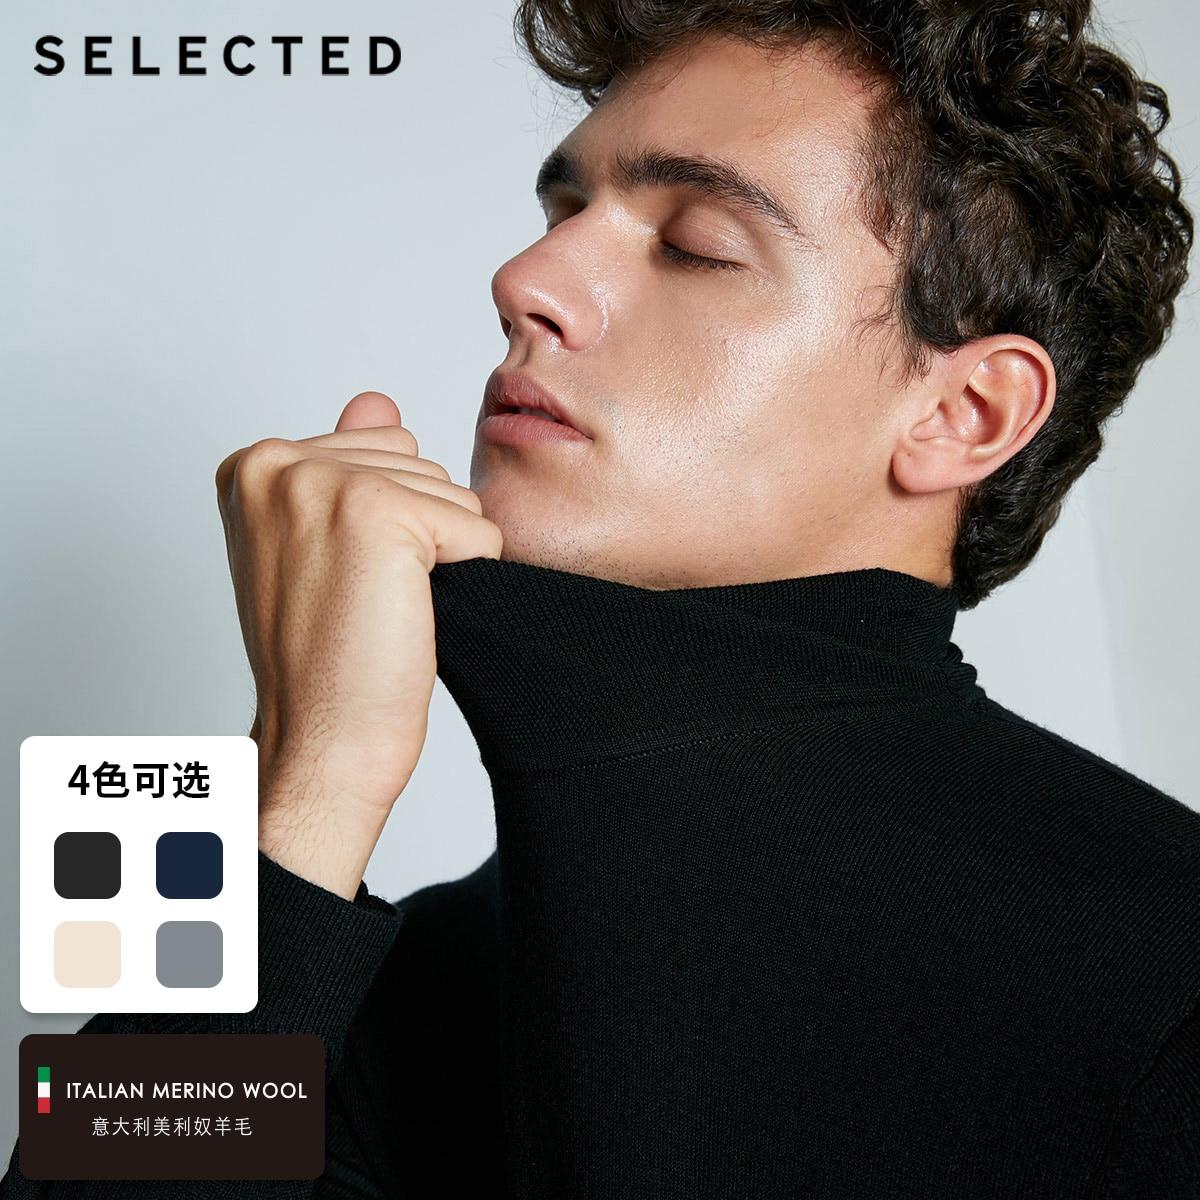 SELECTED Blackrock's New Men Leisure Italian 100% Wool Sweater Sweater S | 418424502